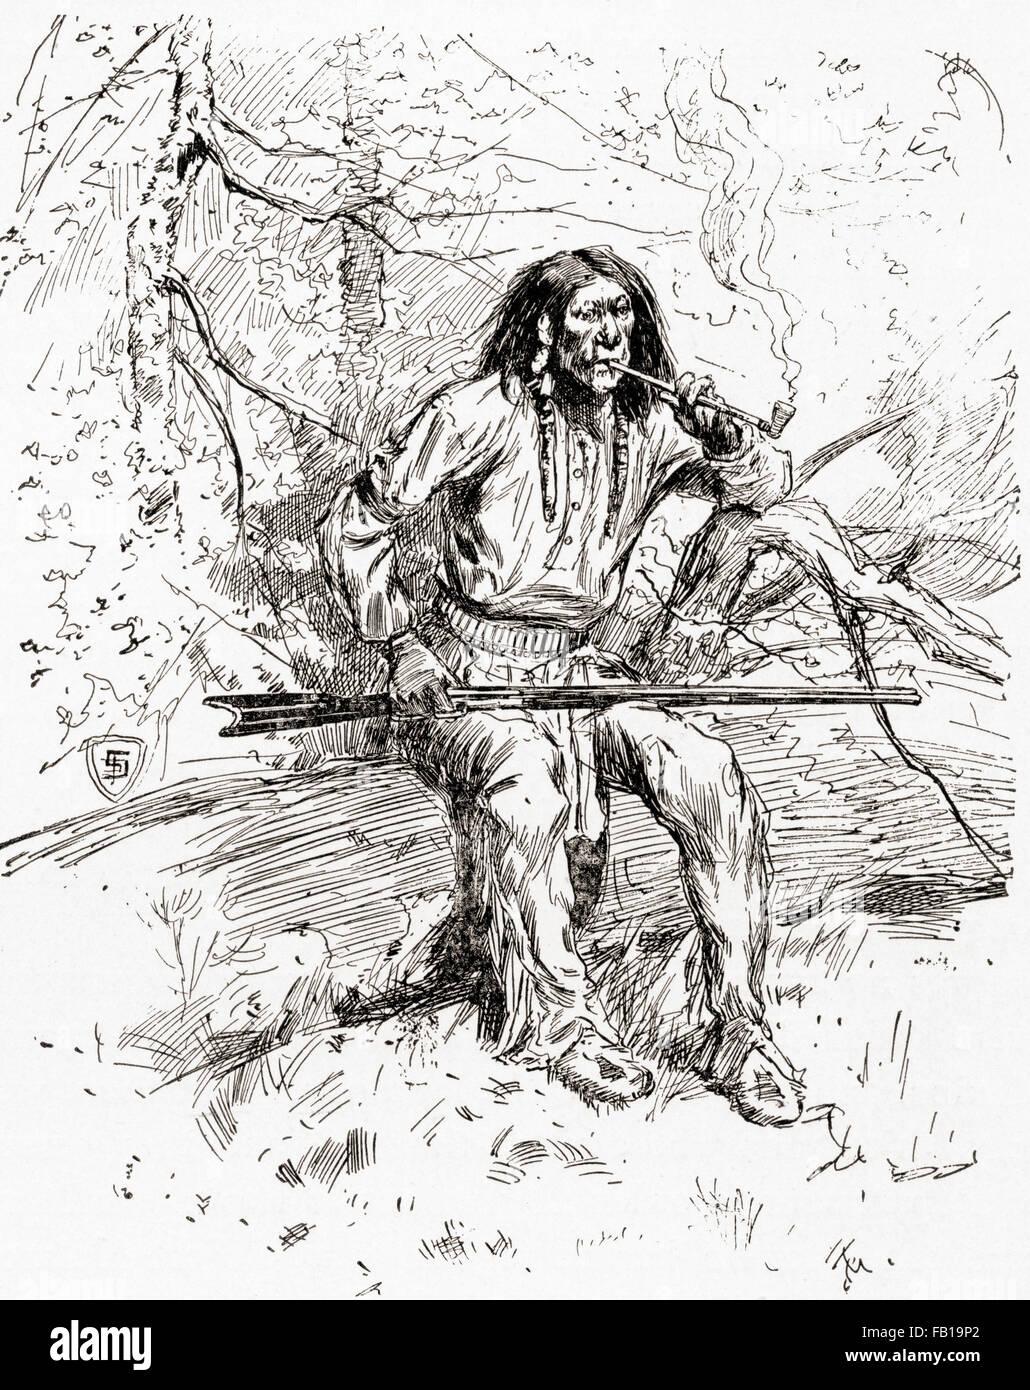 Ein Apache indischen Krieger im 19. Jahrhundert. Stockbild